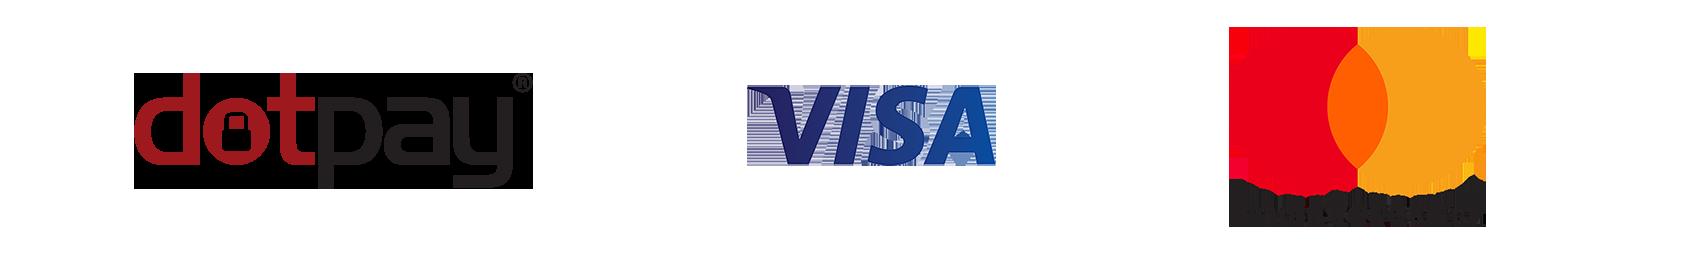 dotpay, Visa, Mastercard